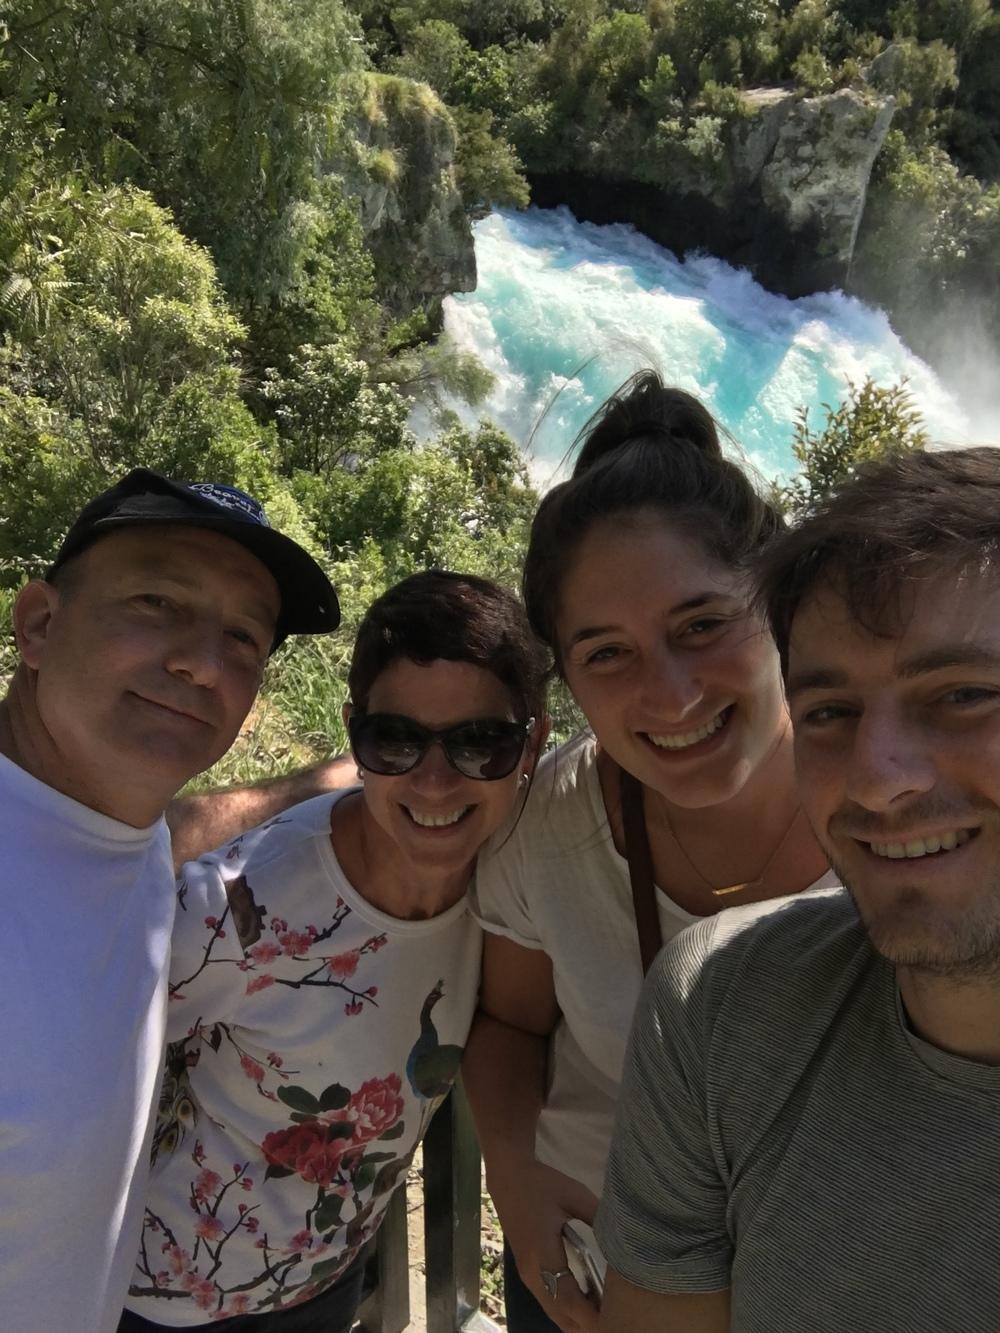 Family at Huka Falls